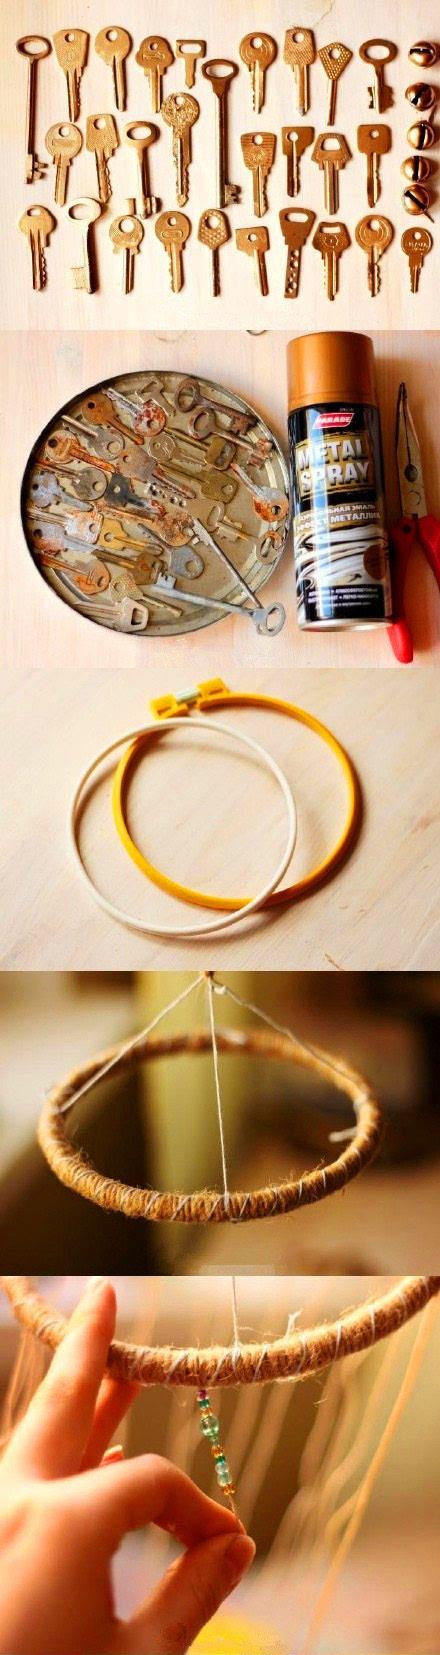 旧钥匙加串珠制作精美风铃手工制作教程